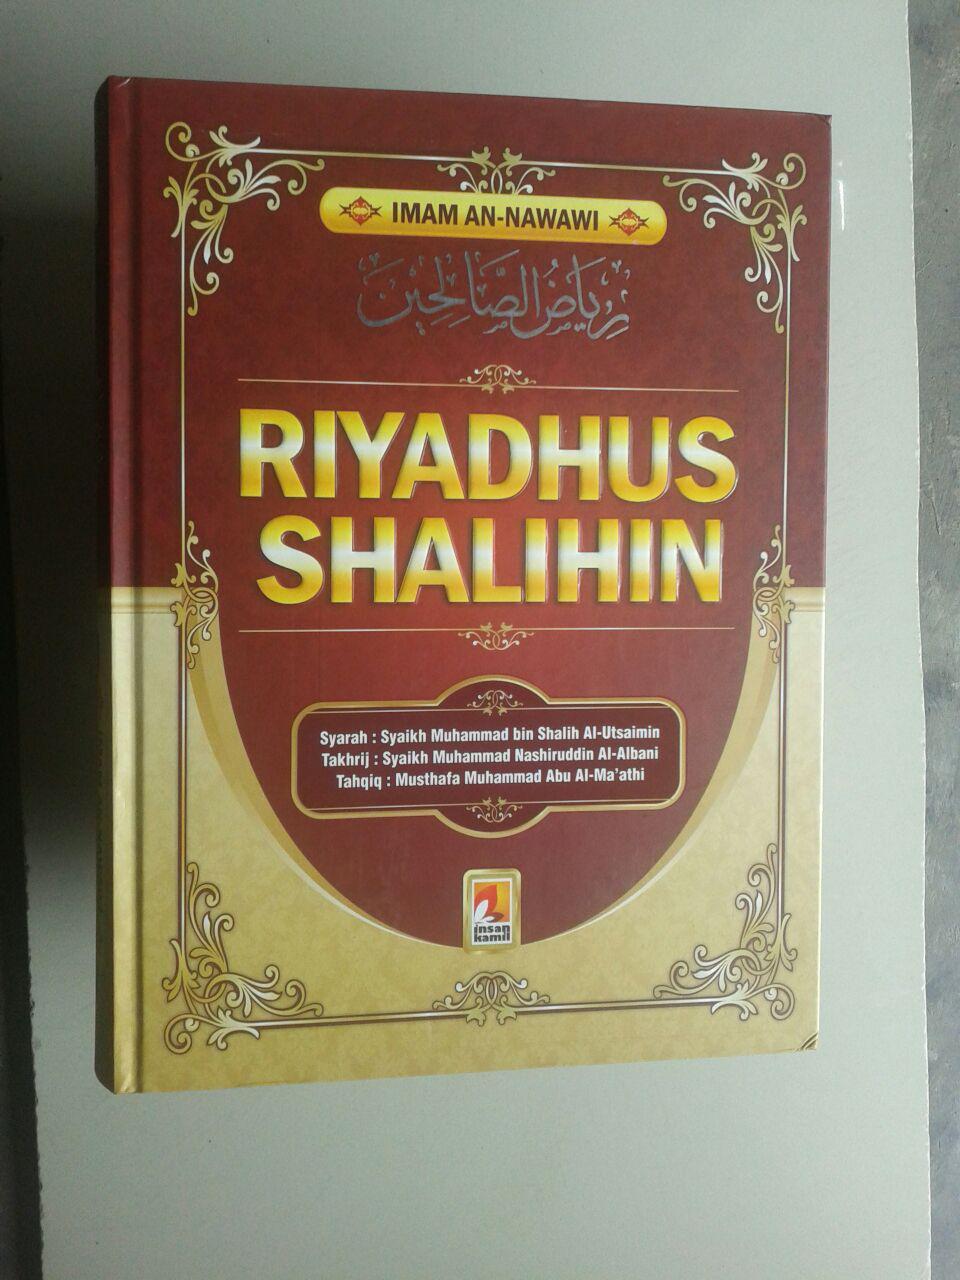 Buku Terjemah Riyadhus Shalihin cover 2